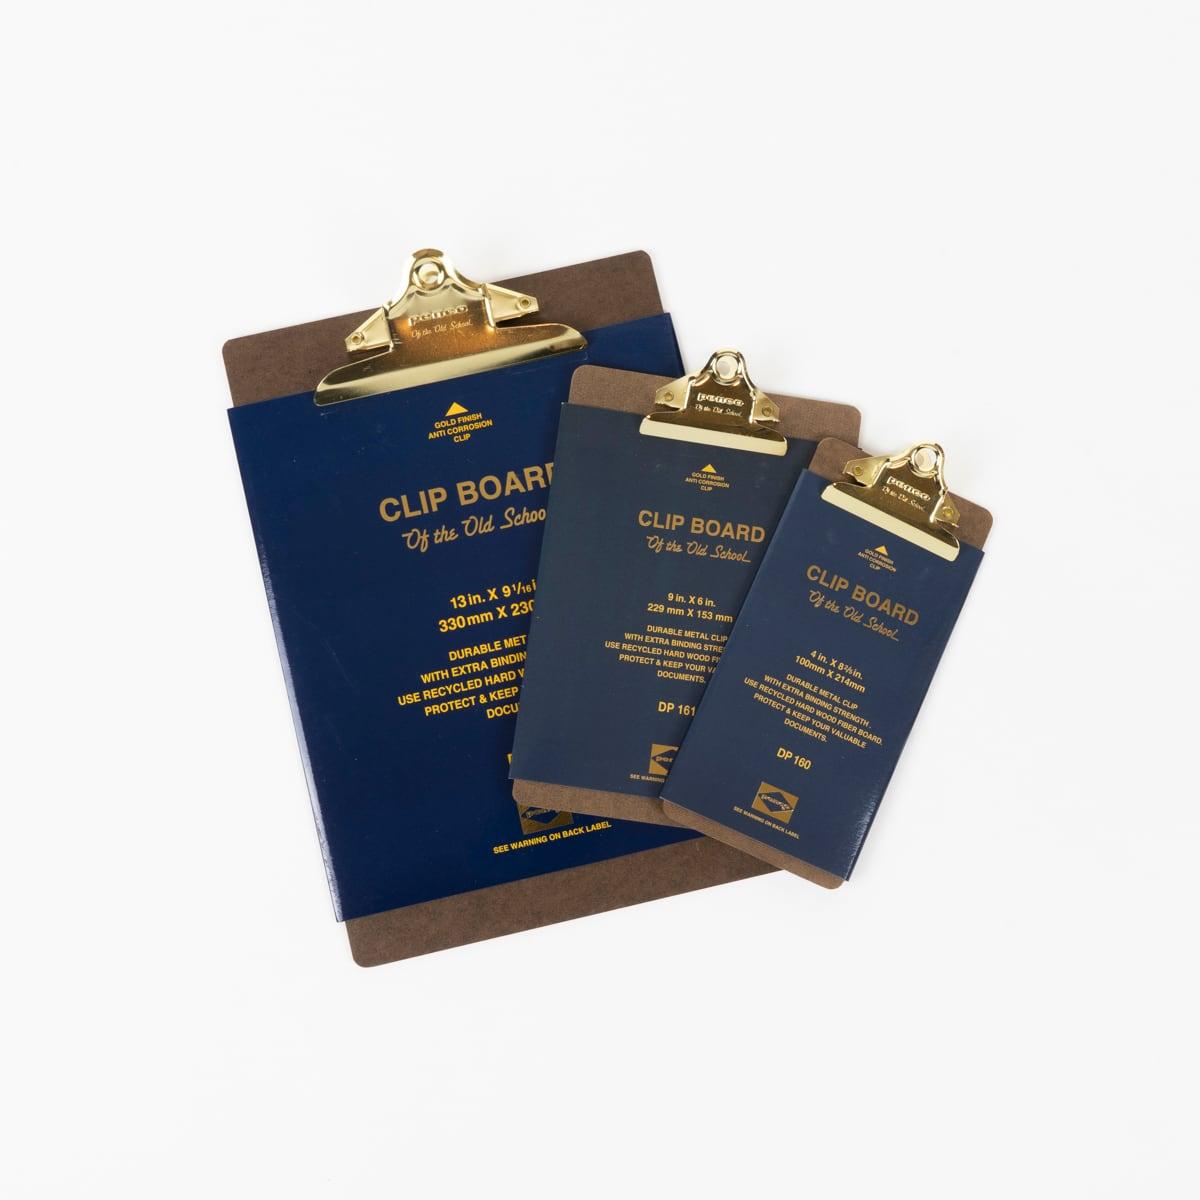 Penco Clipboard O/S Gold - mini | HIGHTIDE